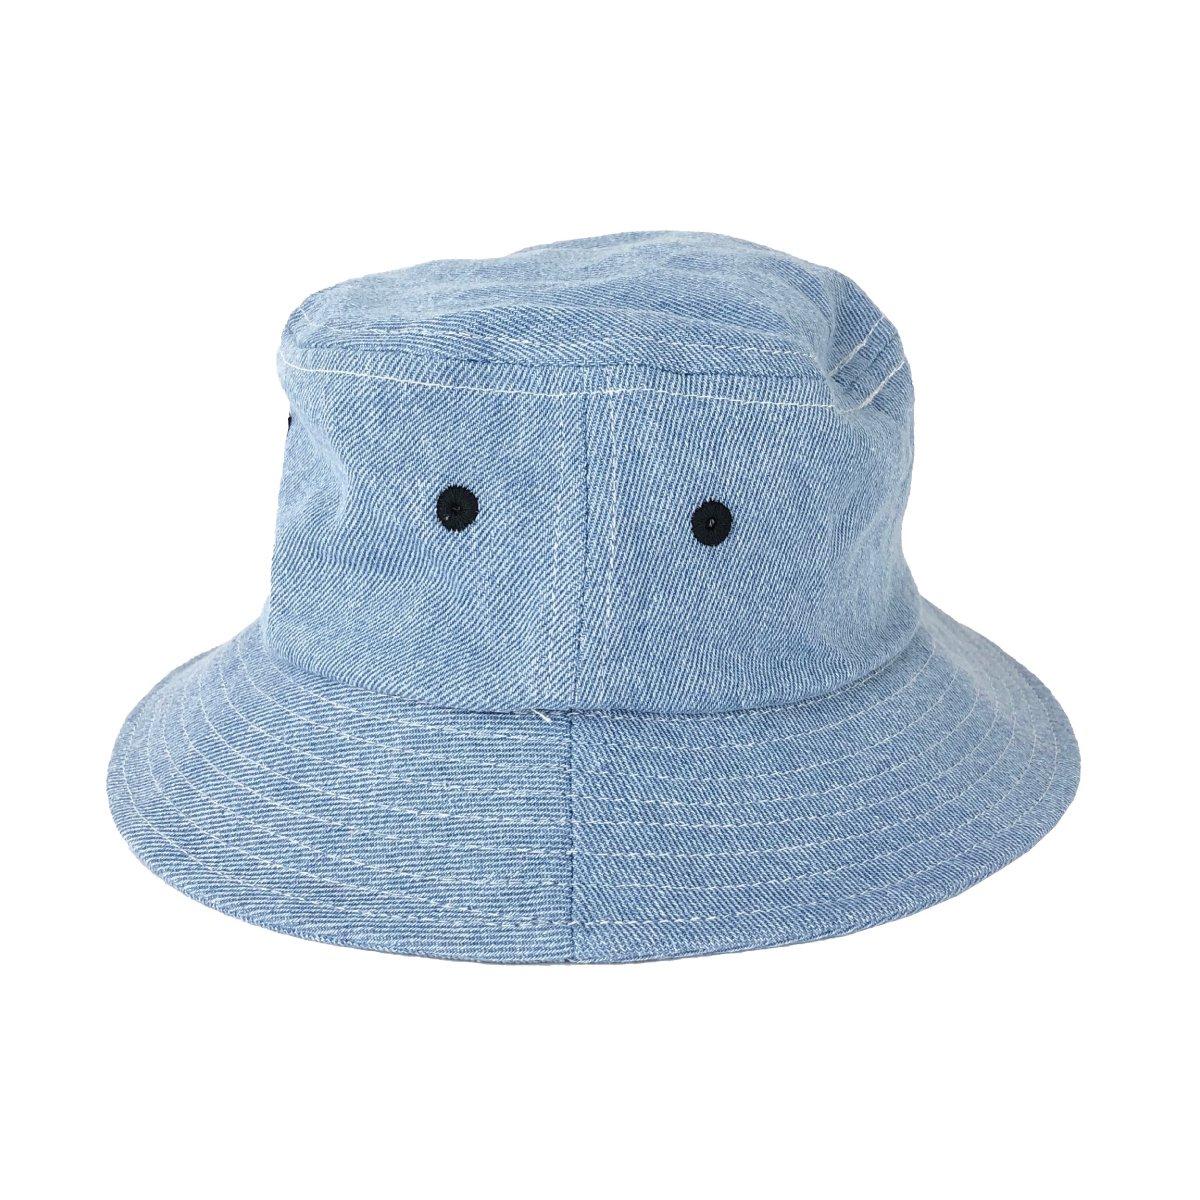 【BABY】Denim Wash Hat 詳細画像5